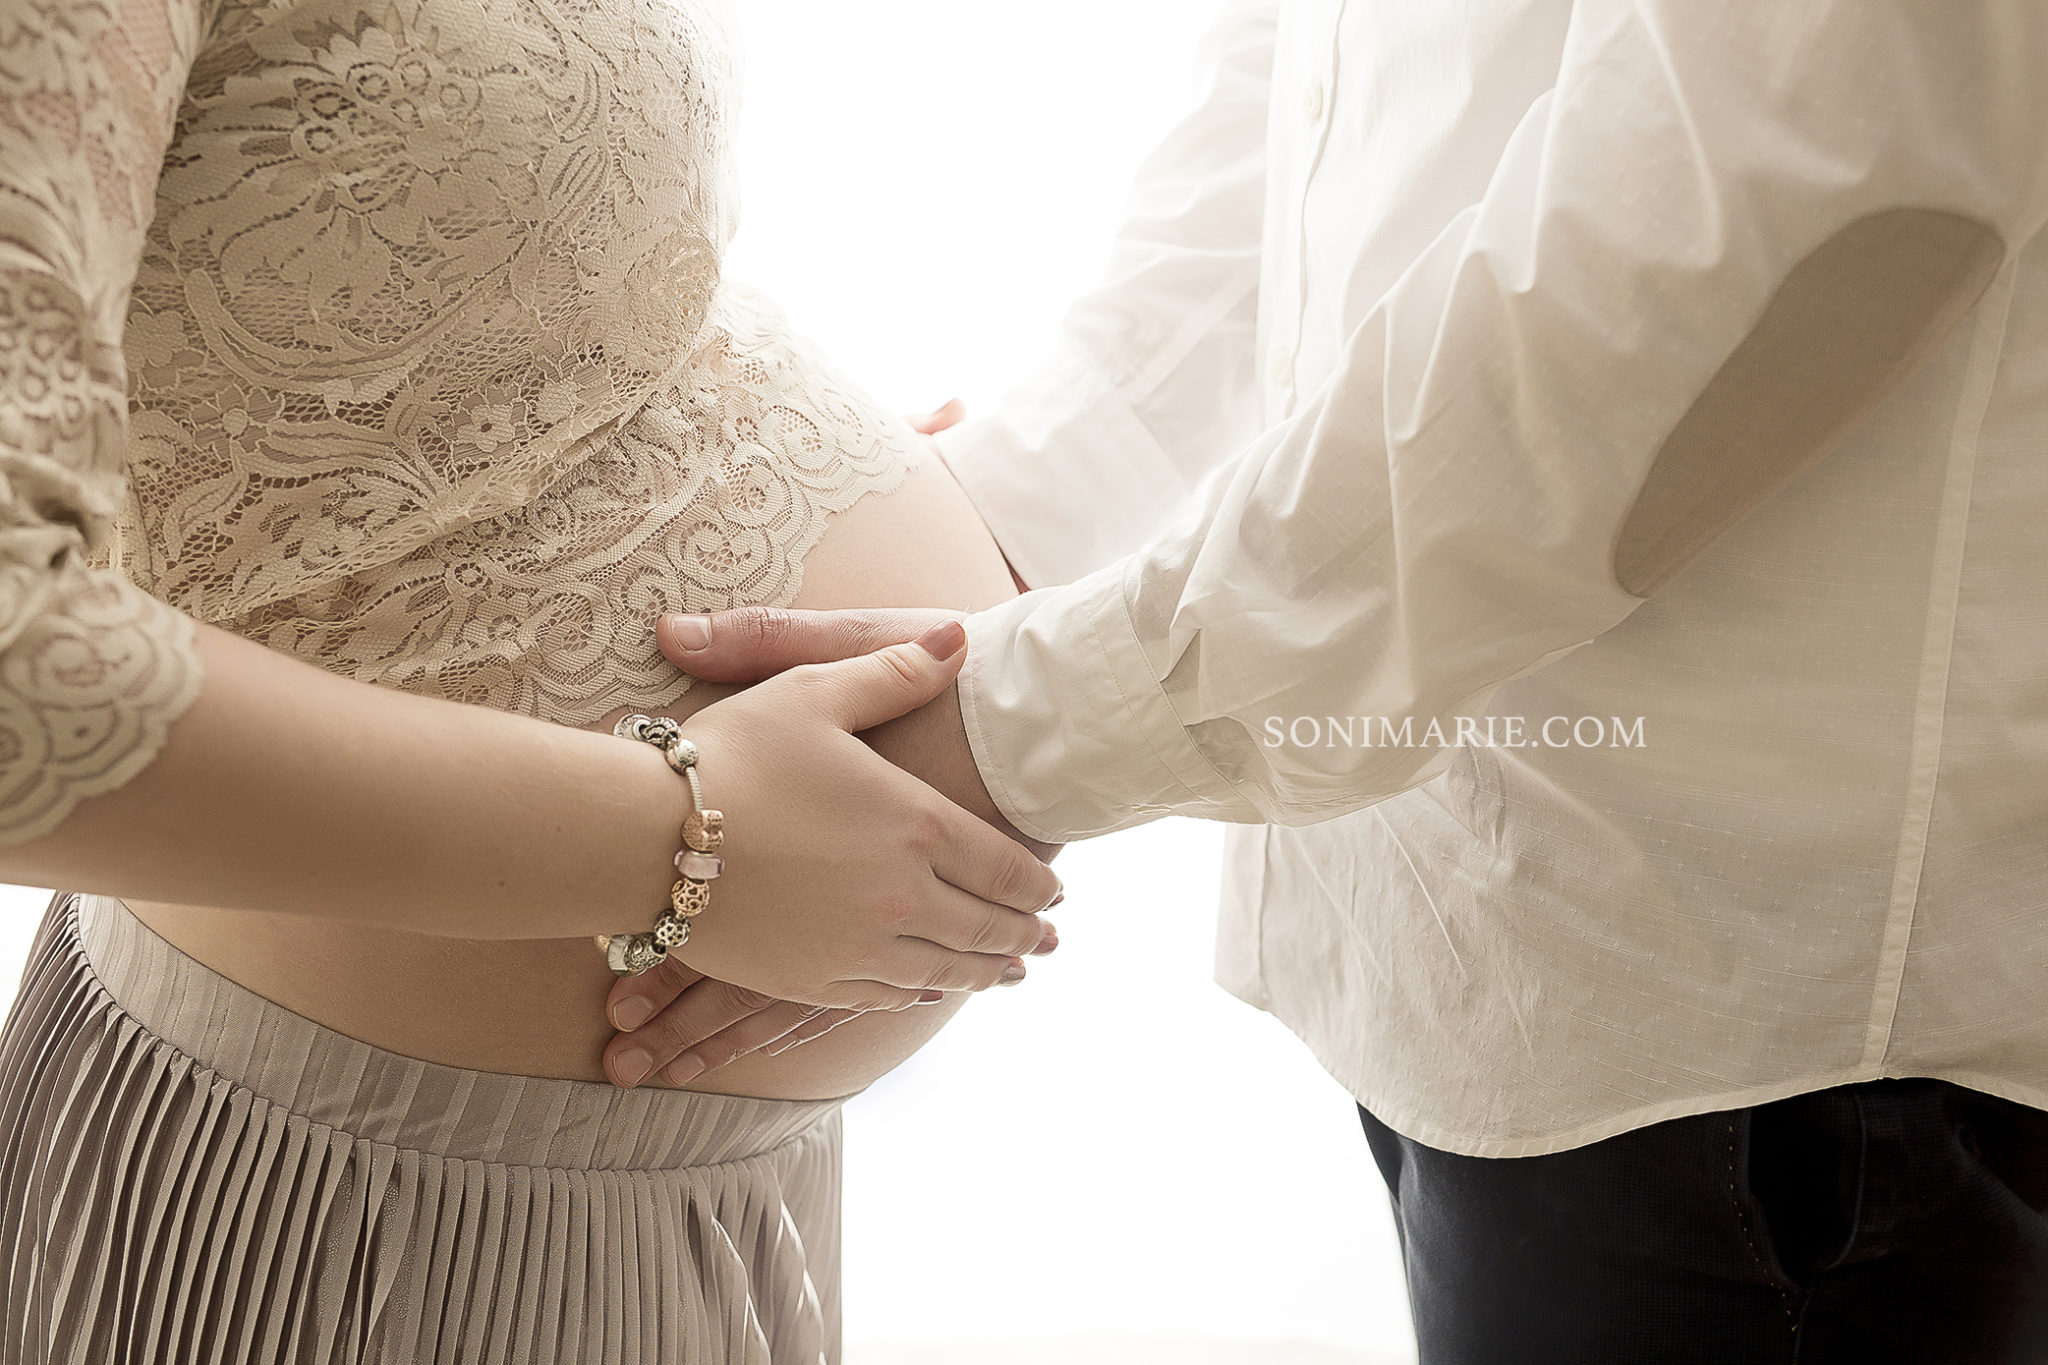 sesja ciążowa wrocław 9012.jpg